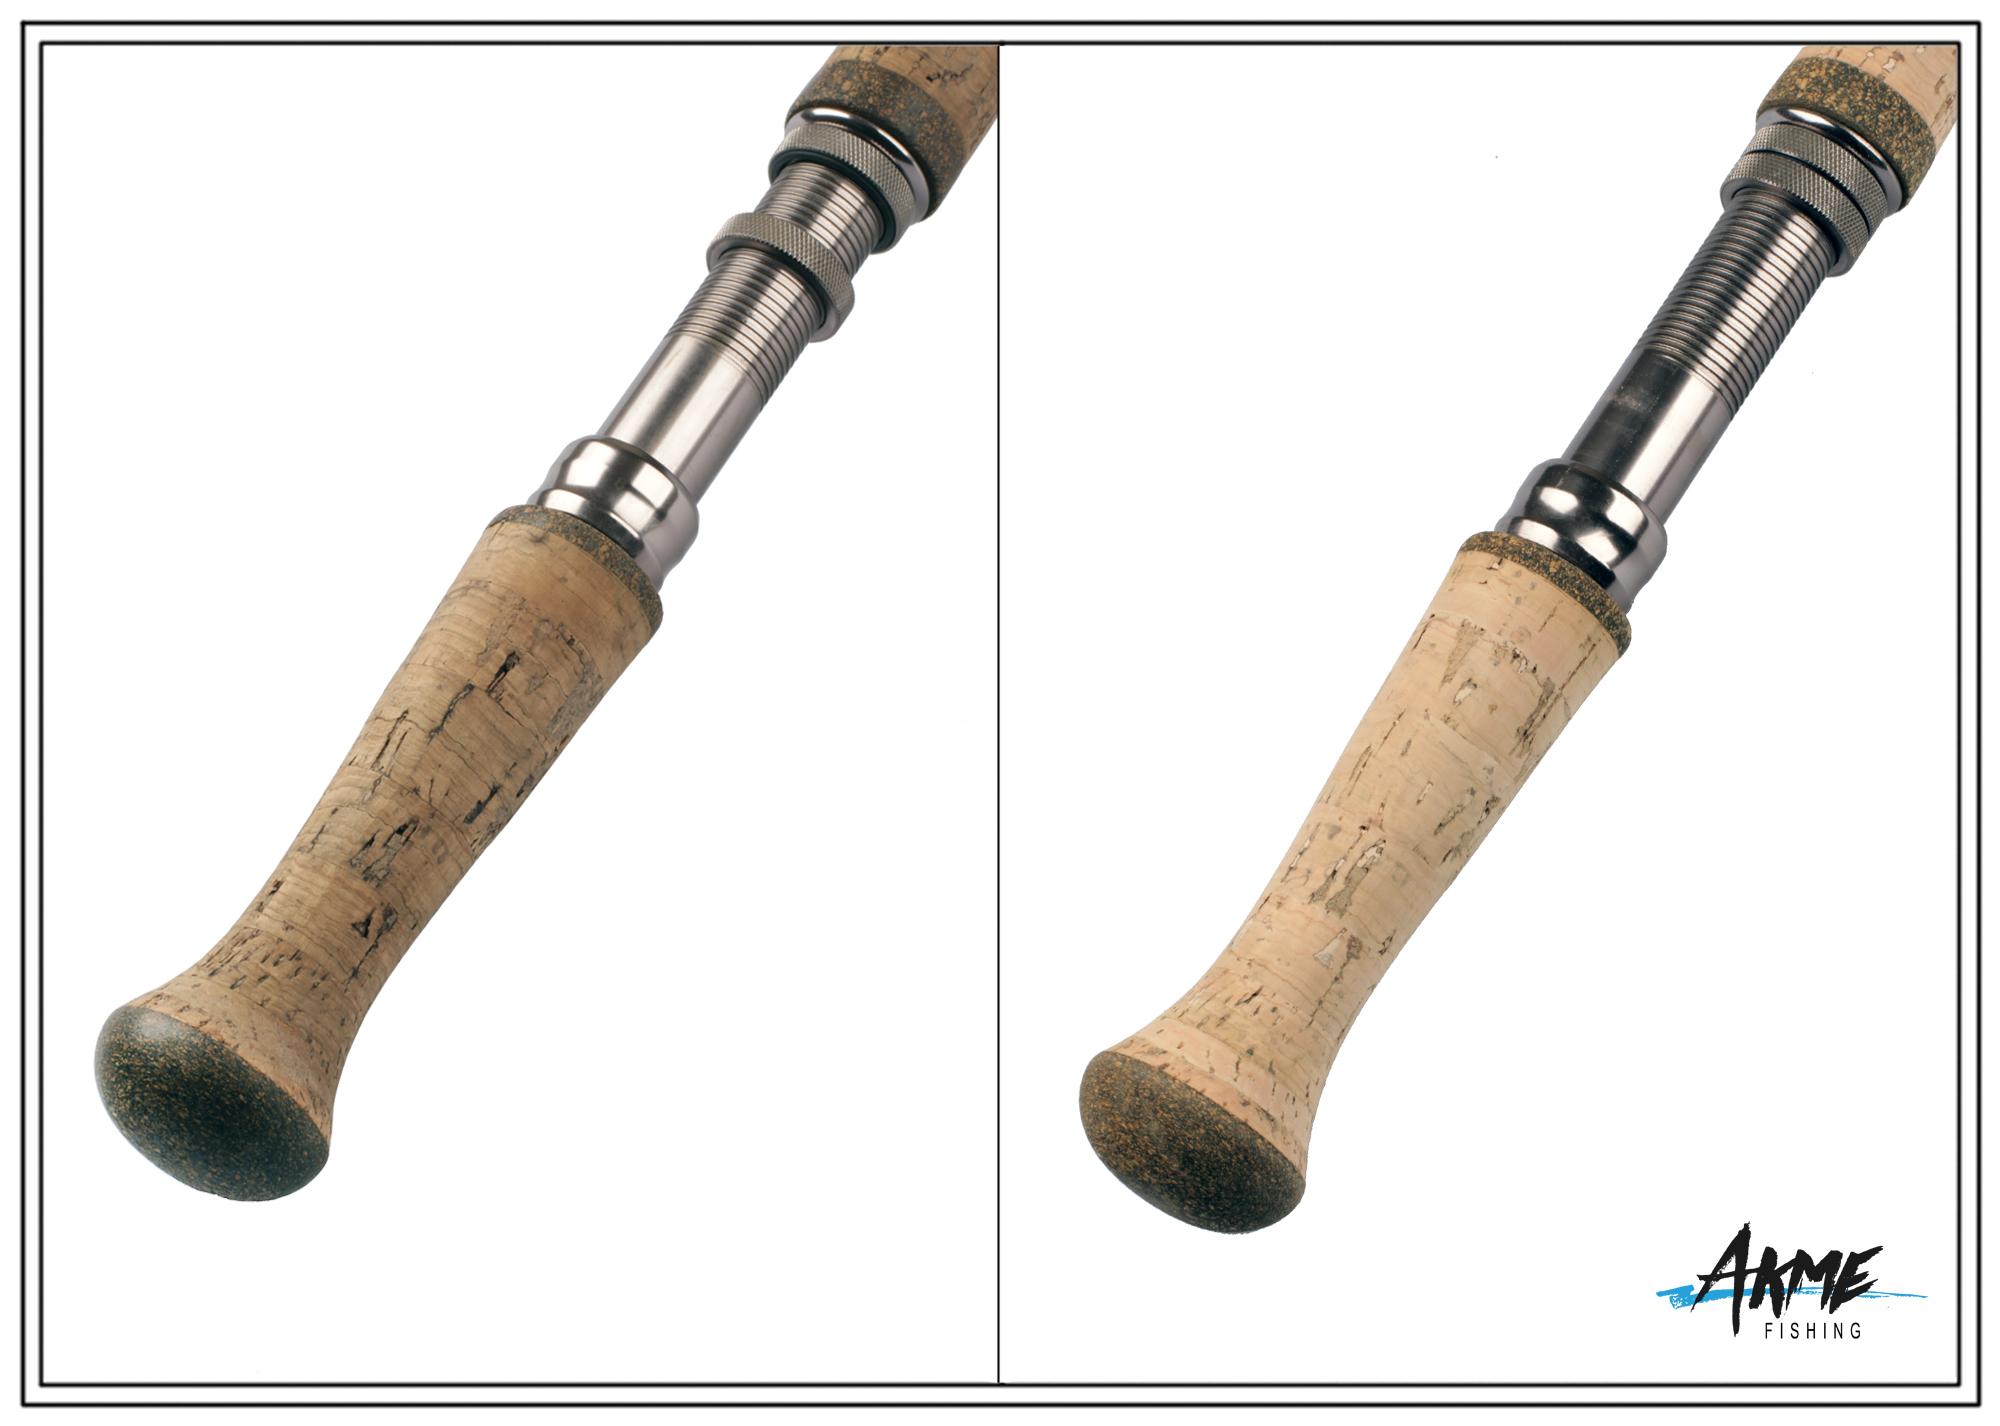 Реставрация пробковой рукояти спиннинг (шпаклевка)